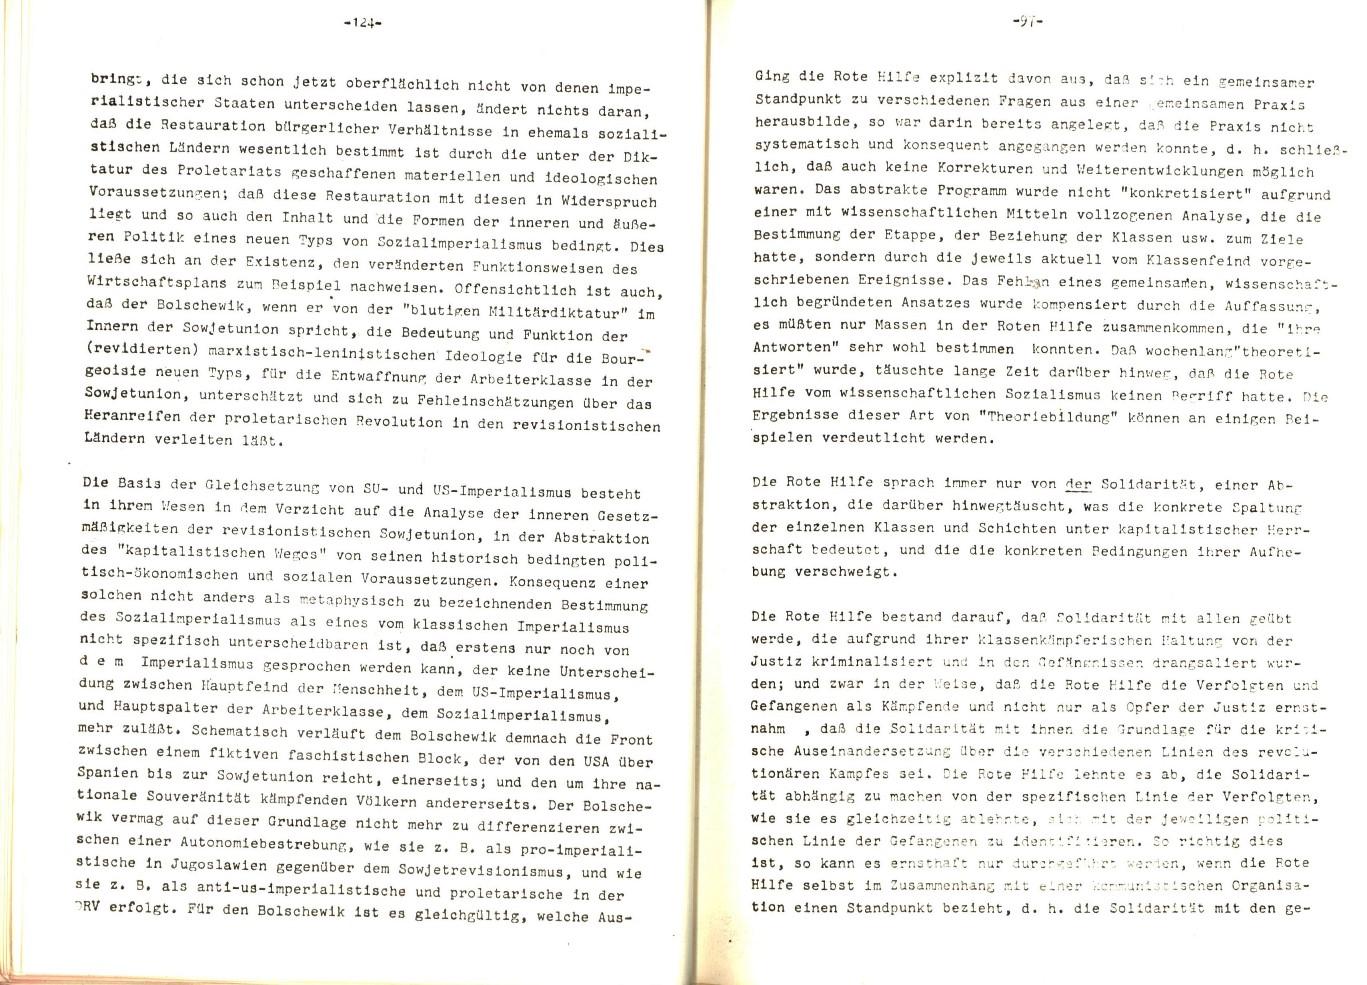 PLPI_1971_Aufloesung_51